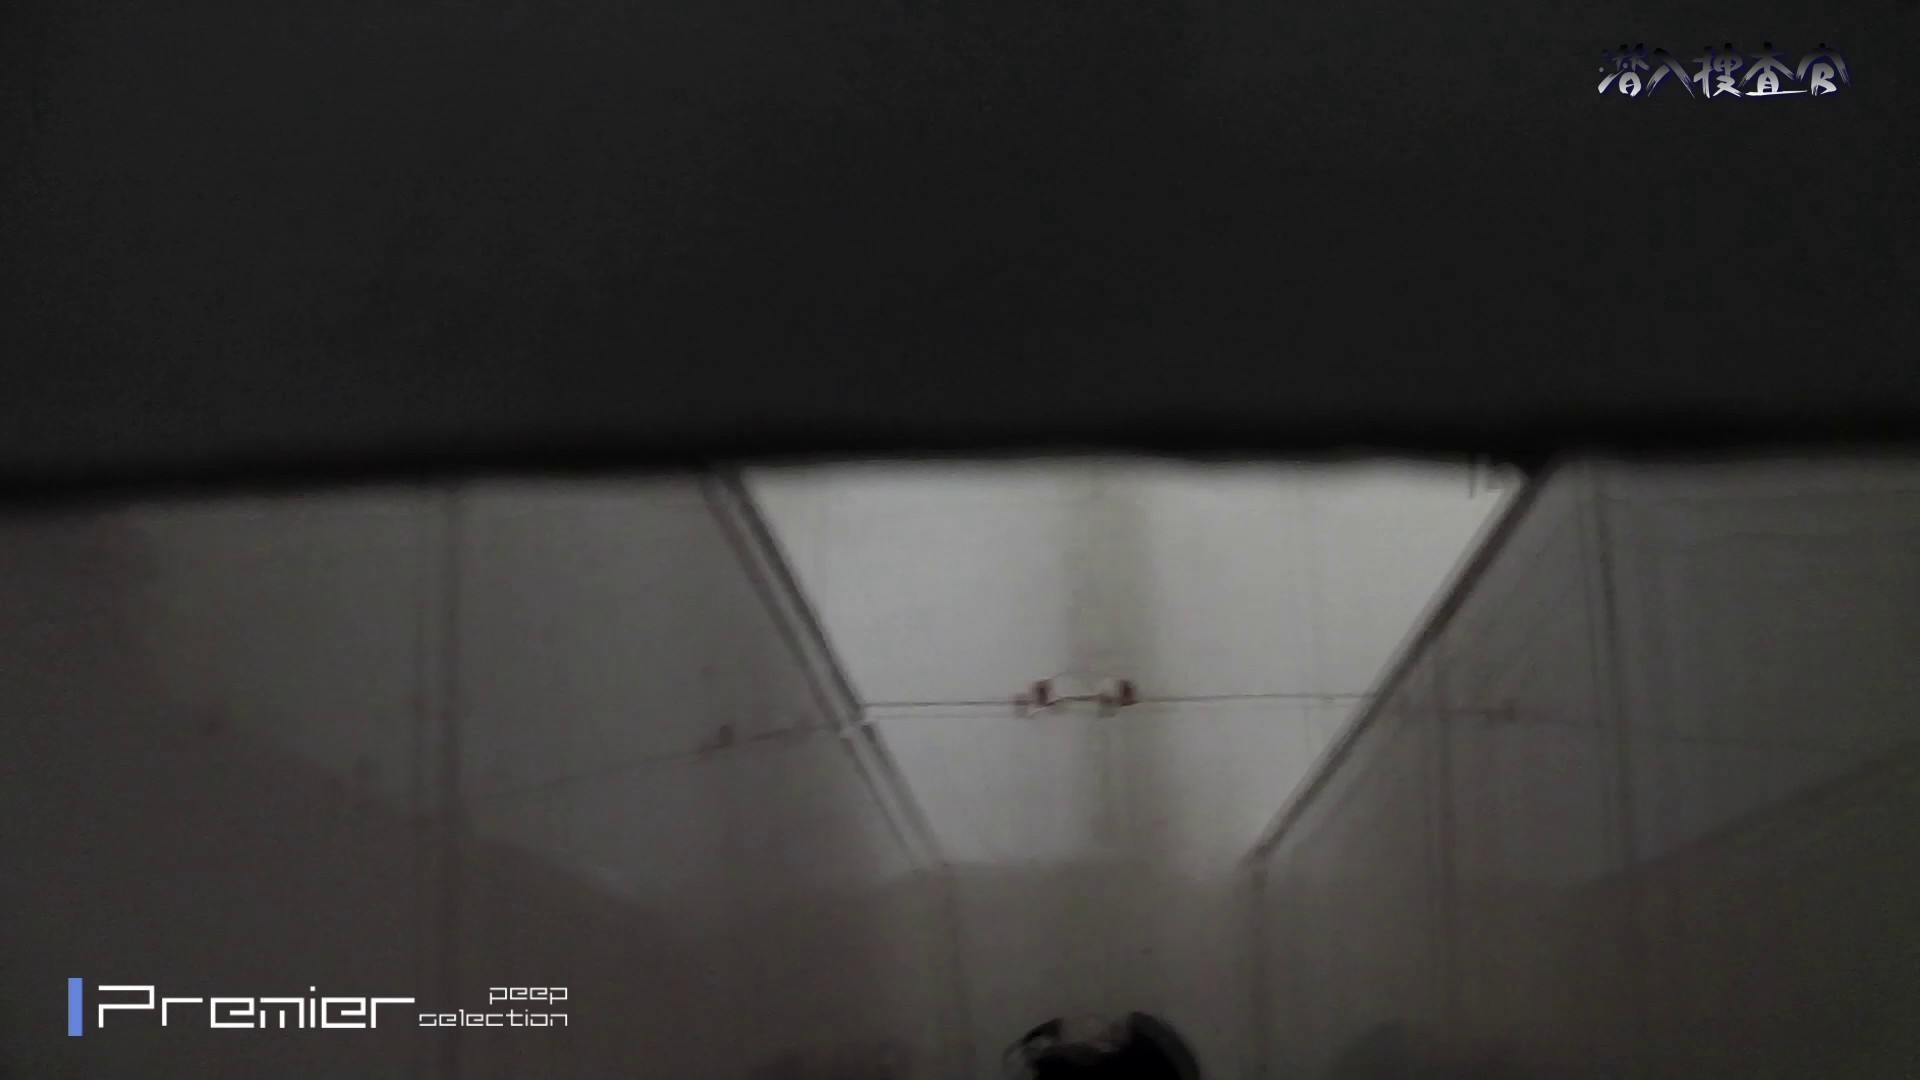 下からノゾム vol.041 携帯に夢中、後ろに居るカメラはやりたい放題! マンコ セックス無修正動画無料 77枚 60